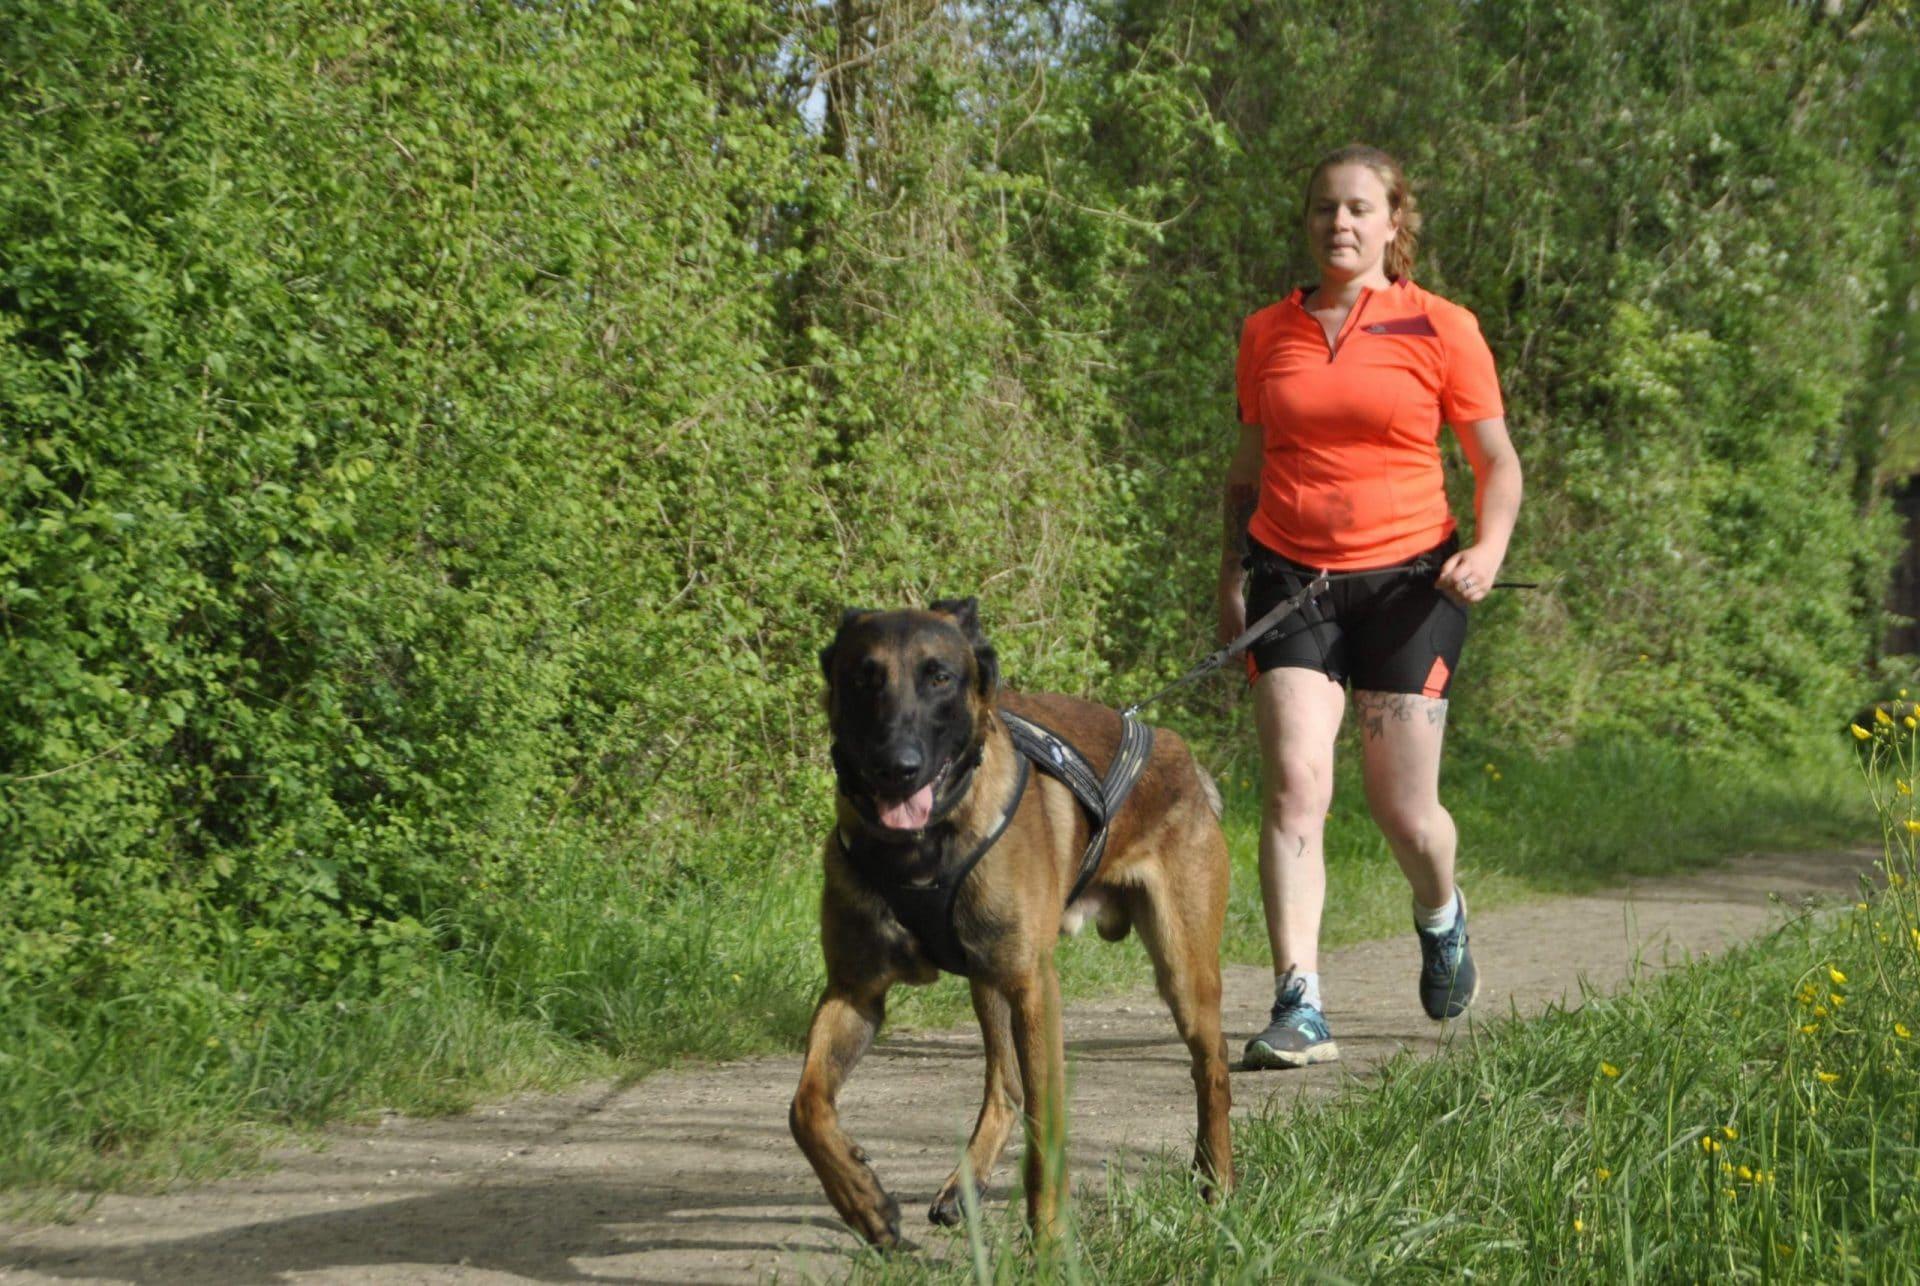 femme cani marche avec chien type malinois de face harnais ligne de trait harnais verdure